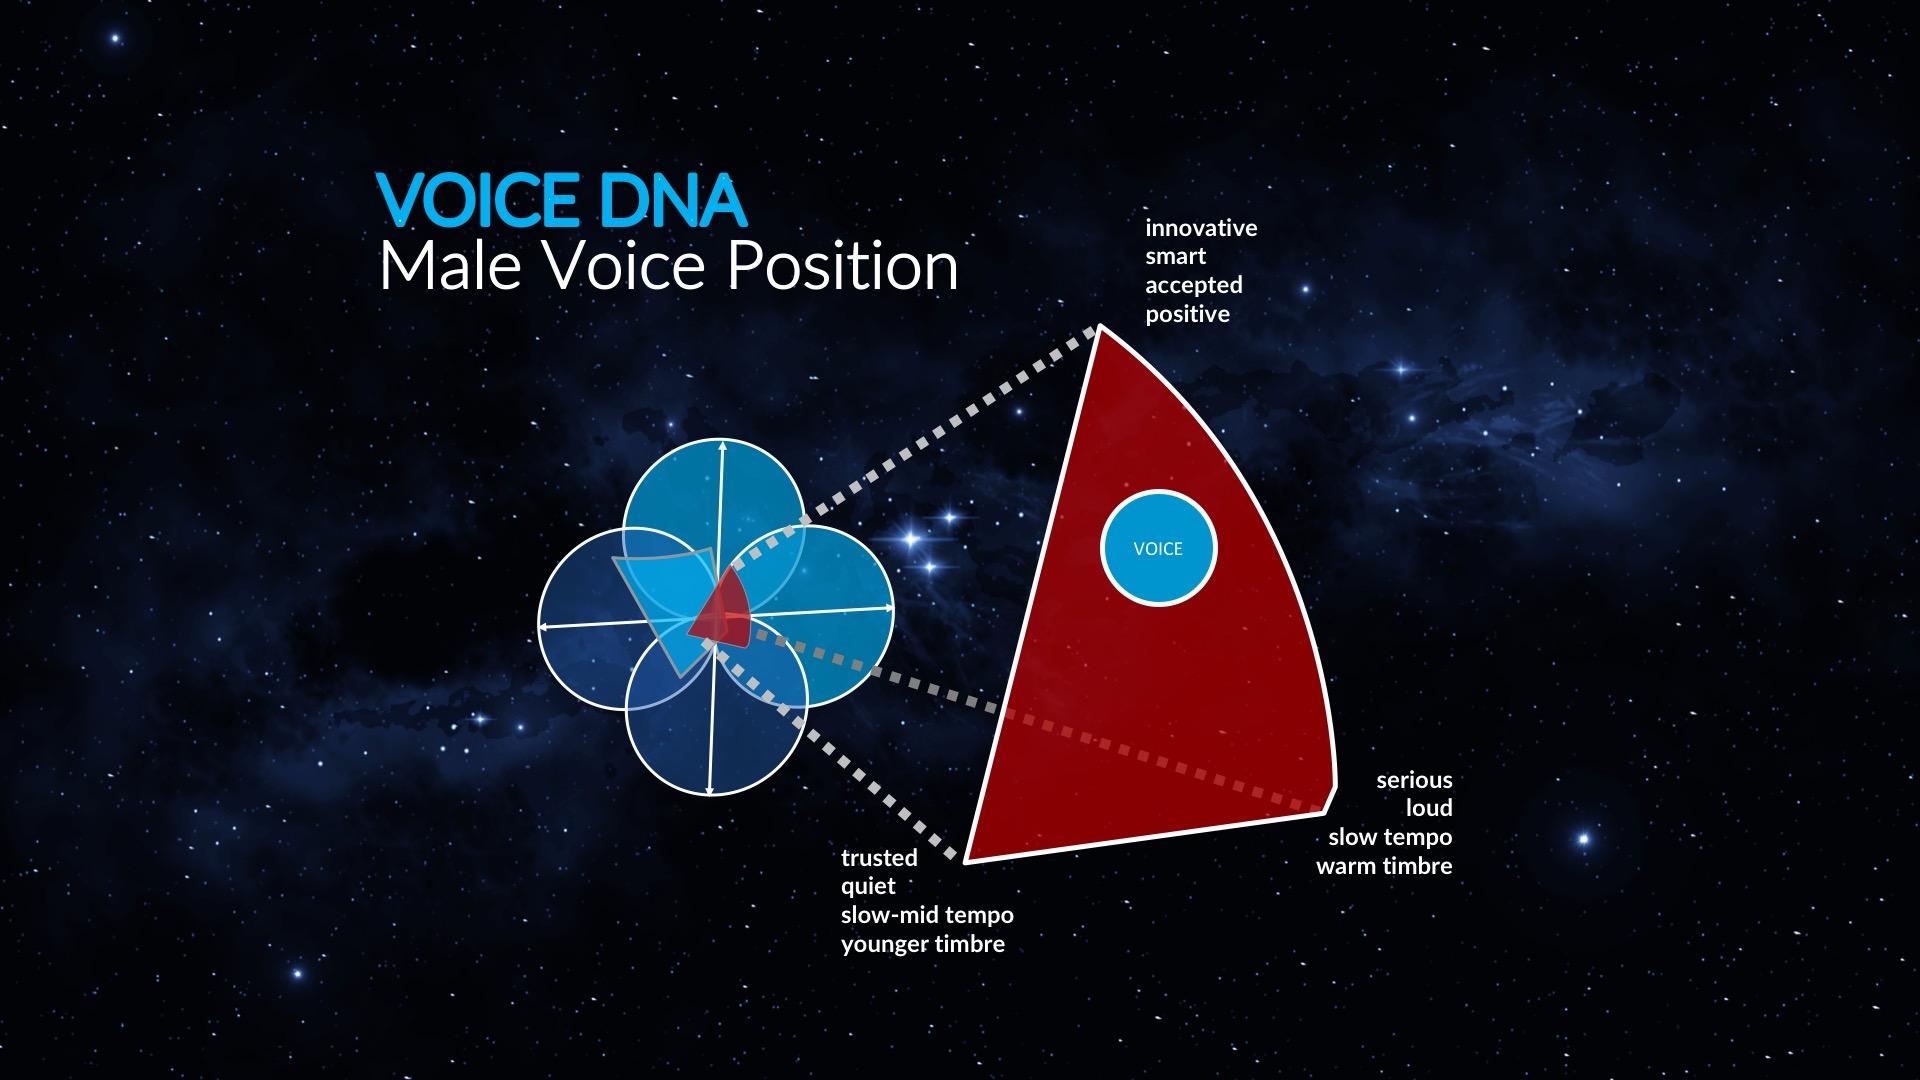 Die richtige Stimme finden - Geeignete Stimmen werden anhand der erarbeiteten Parameter in unserer Datenbank identifiziert und nachhaltig in die Kommunikation integriert.